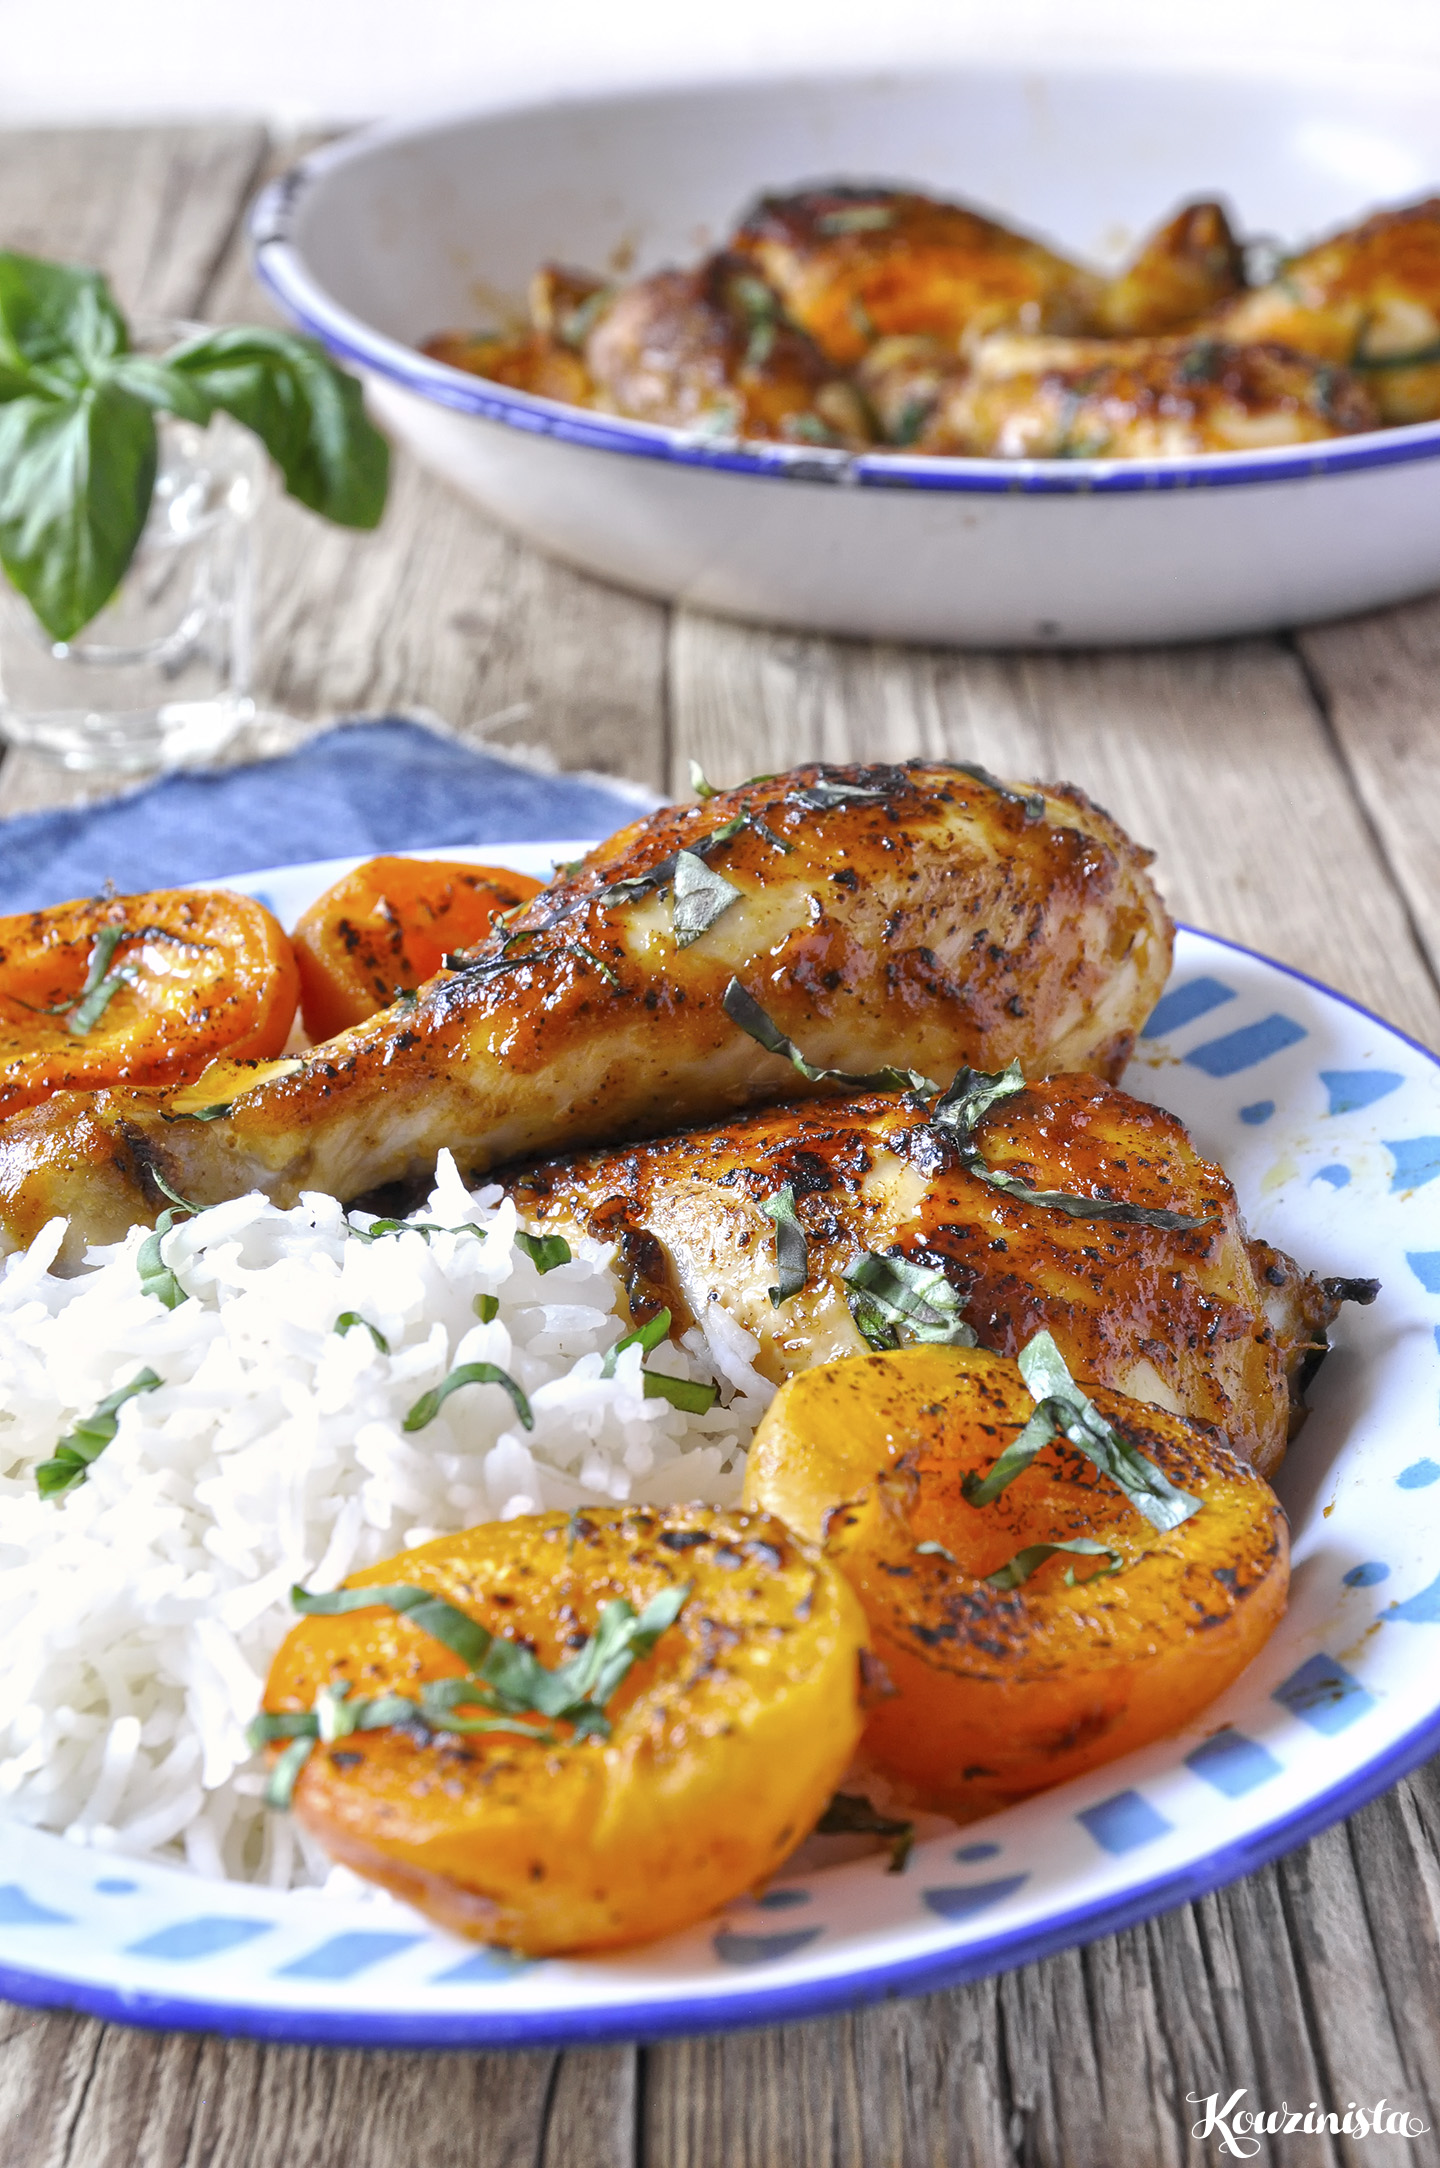 Γλασαρισμένα μπουτάκια κοτόπουλου στο φούρνο με φρέσκα βερίκοκα / Apricot mustard oven roasted chicken drumstics